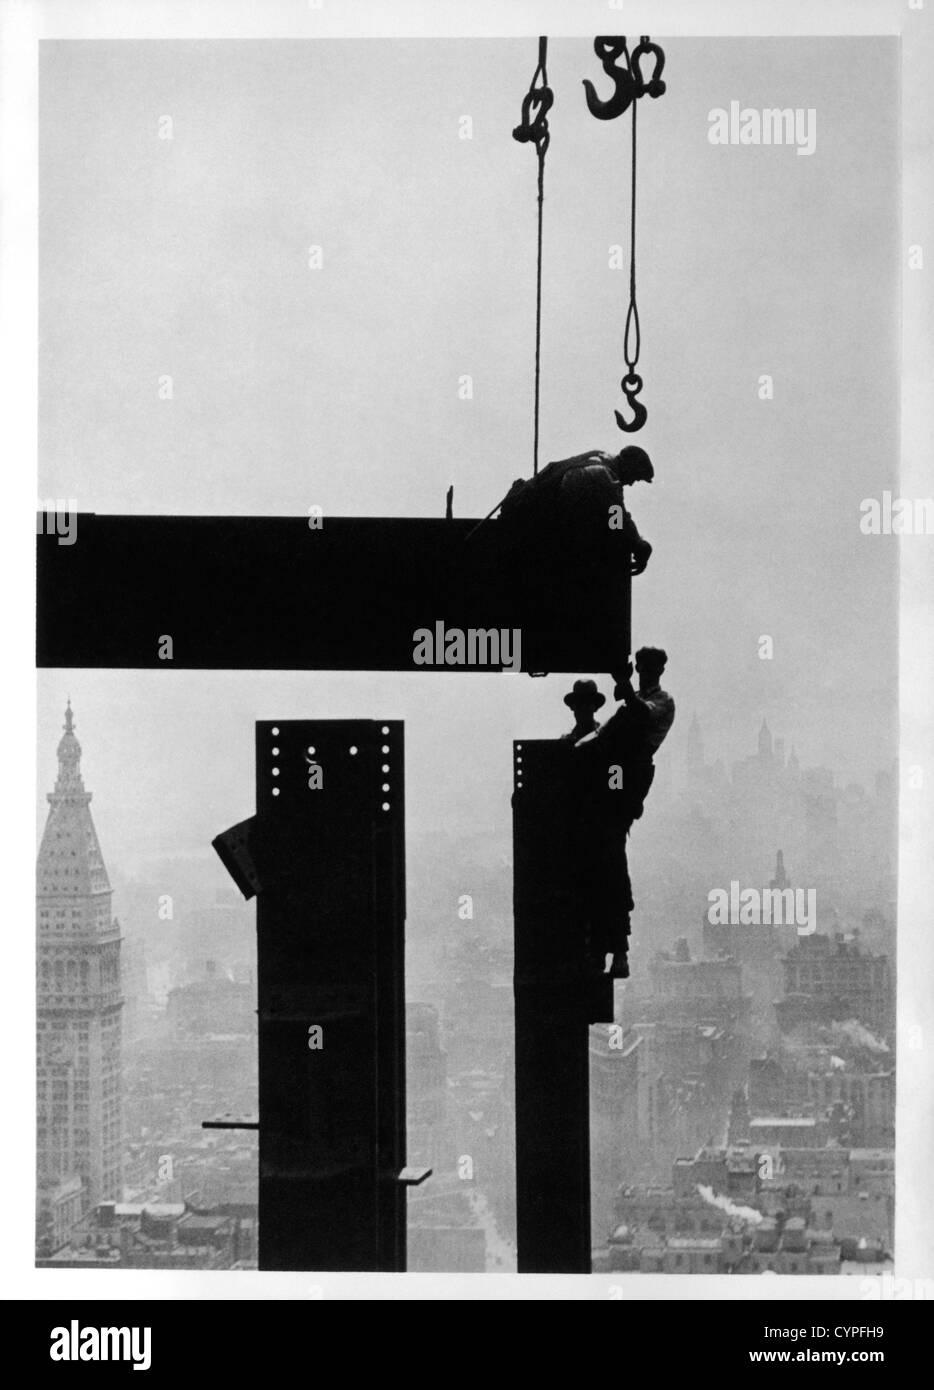 Bauarbeiter und das Empire State Building, New York City, USA, um 1930 Stockbild